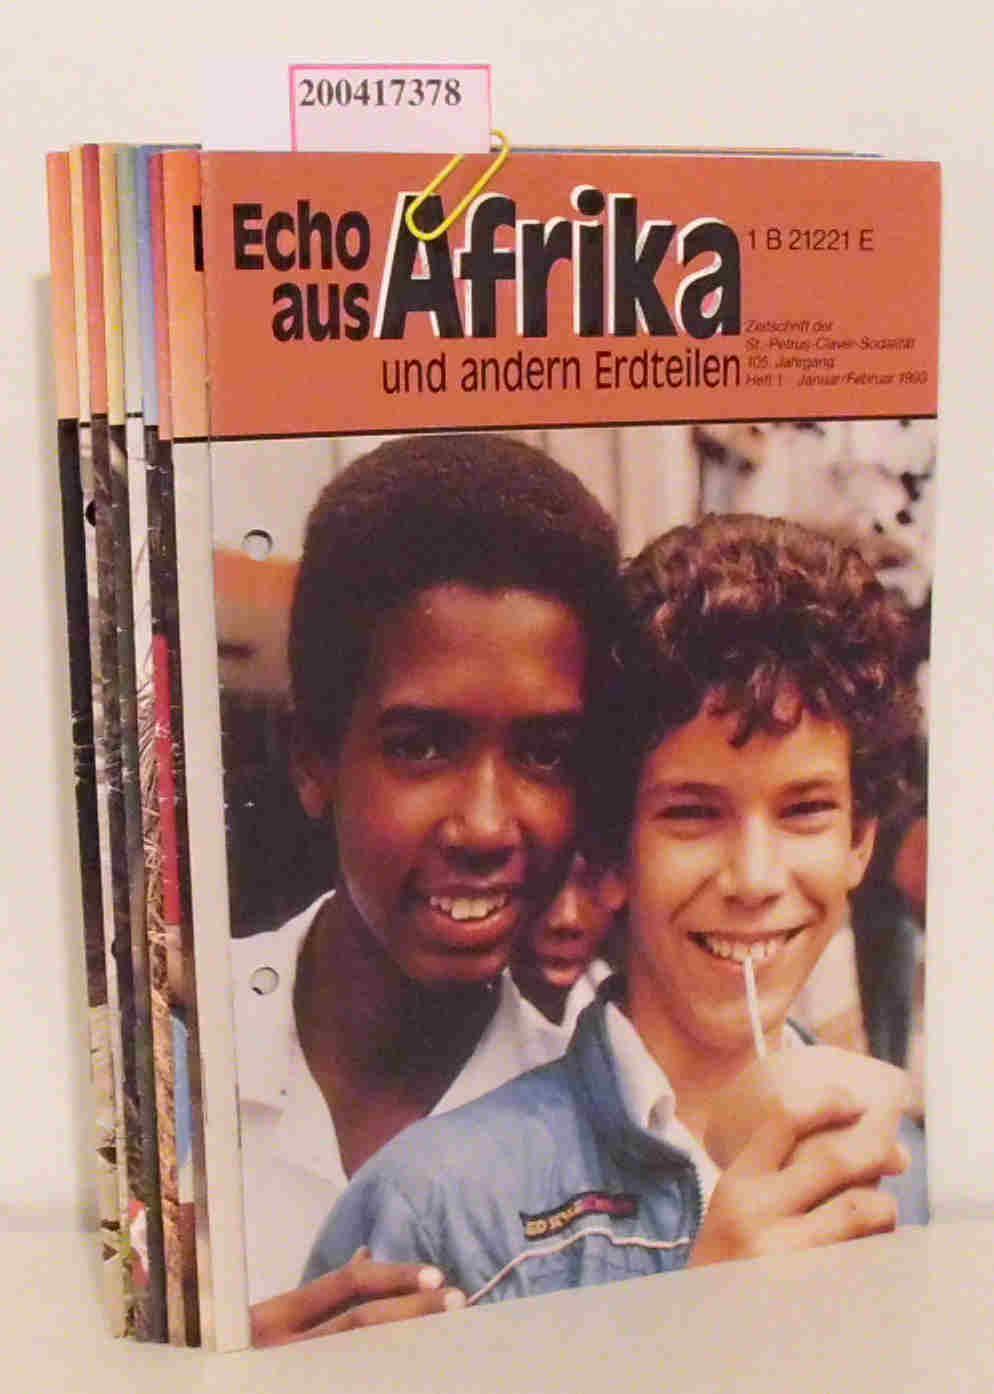 Echo aus Afrika und andern Erdteilen Jahrgang 1993 komplett Zeitschrift der St.-Petrus-Claver-Sodalität